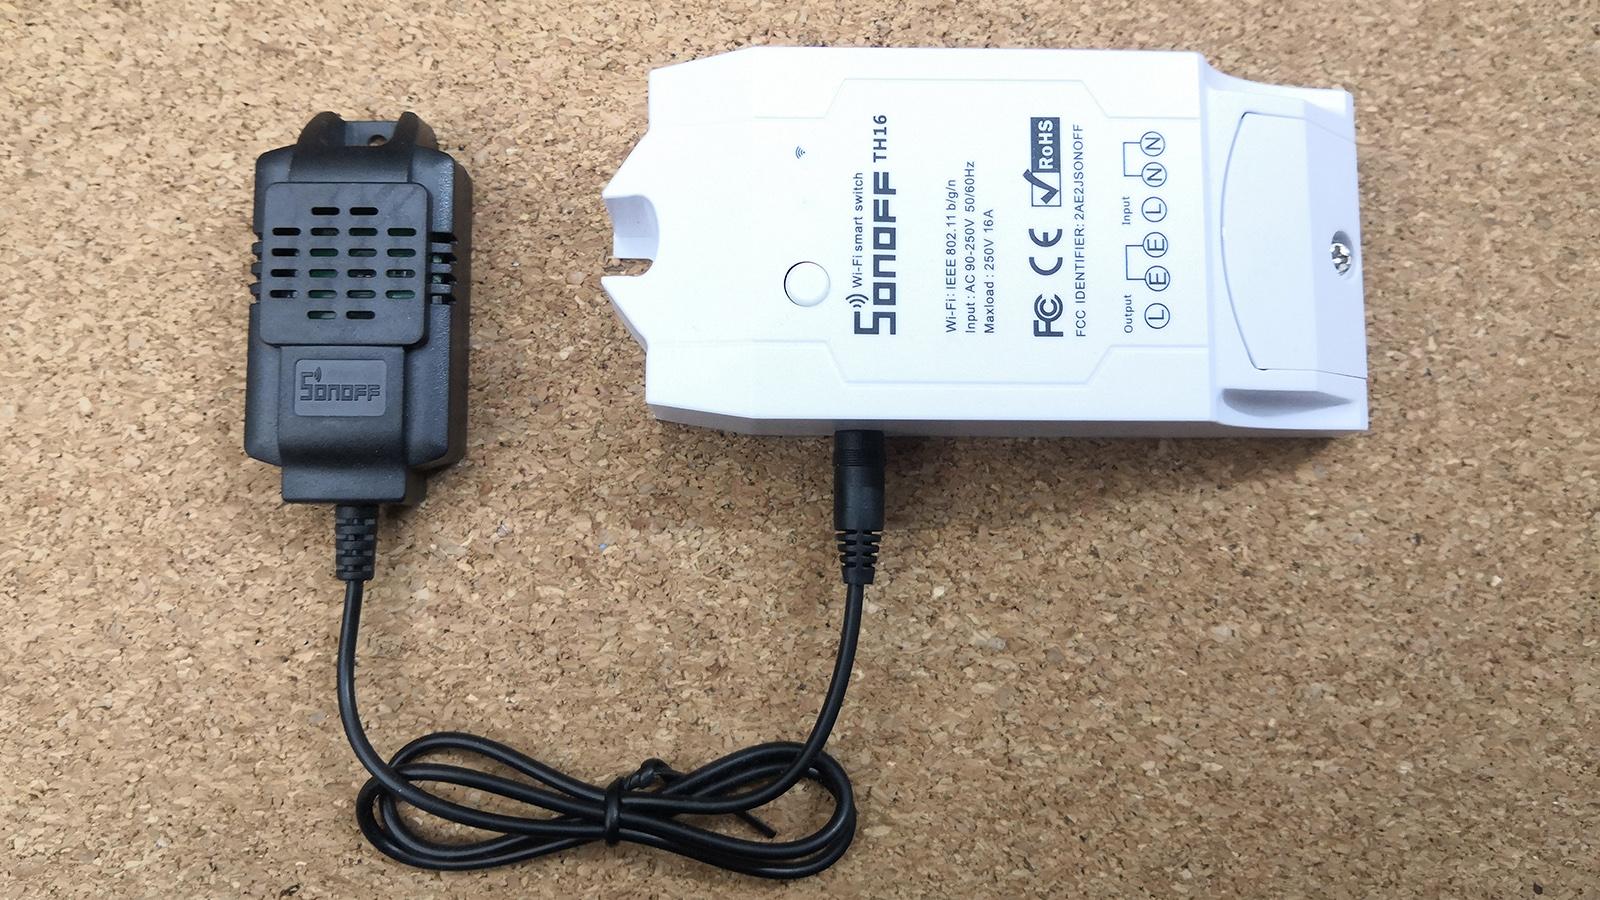 Chytrá domácnost - Sonoff termostat s čidlem